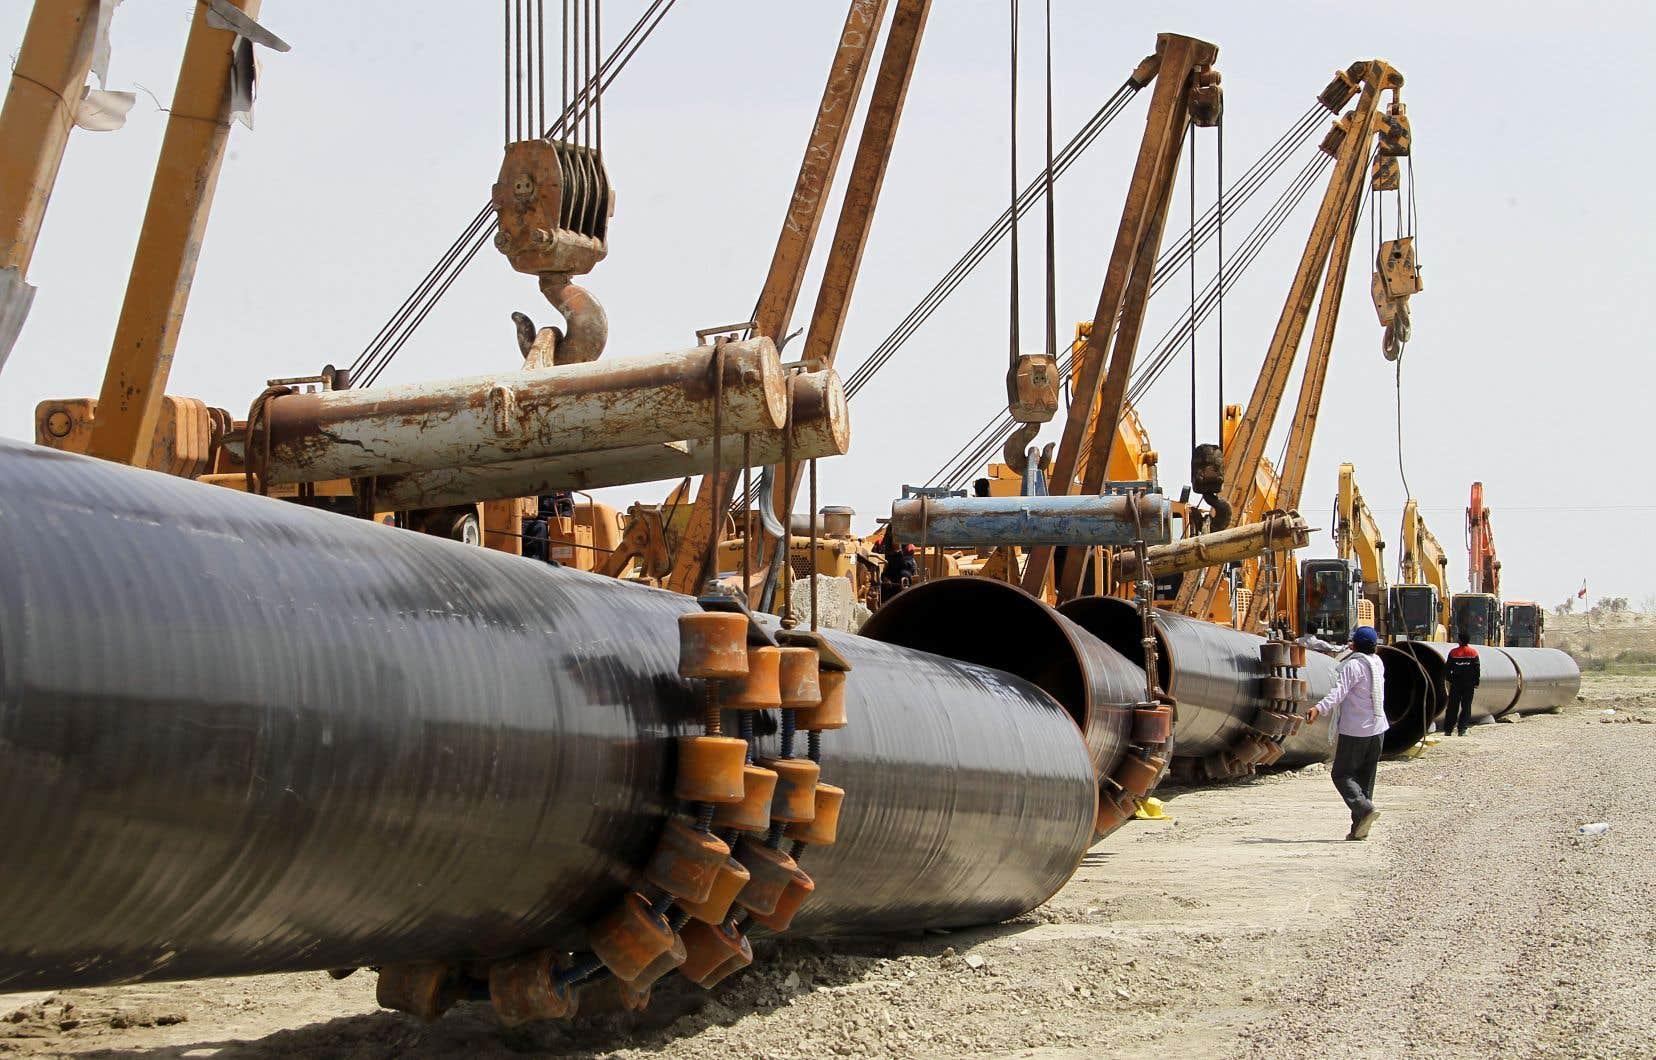 Téhéran possède les plus importantes réserves gazières au monde après la Russie. Elles sont estimées à 191 trillions de mètres cubes.